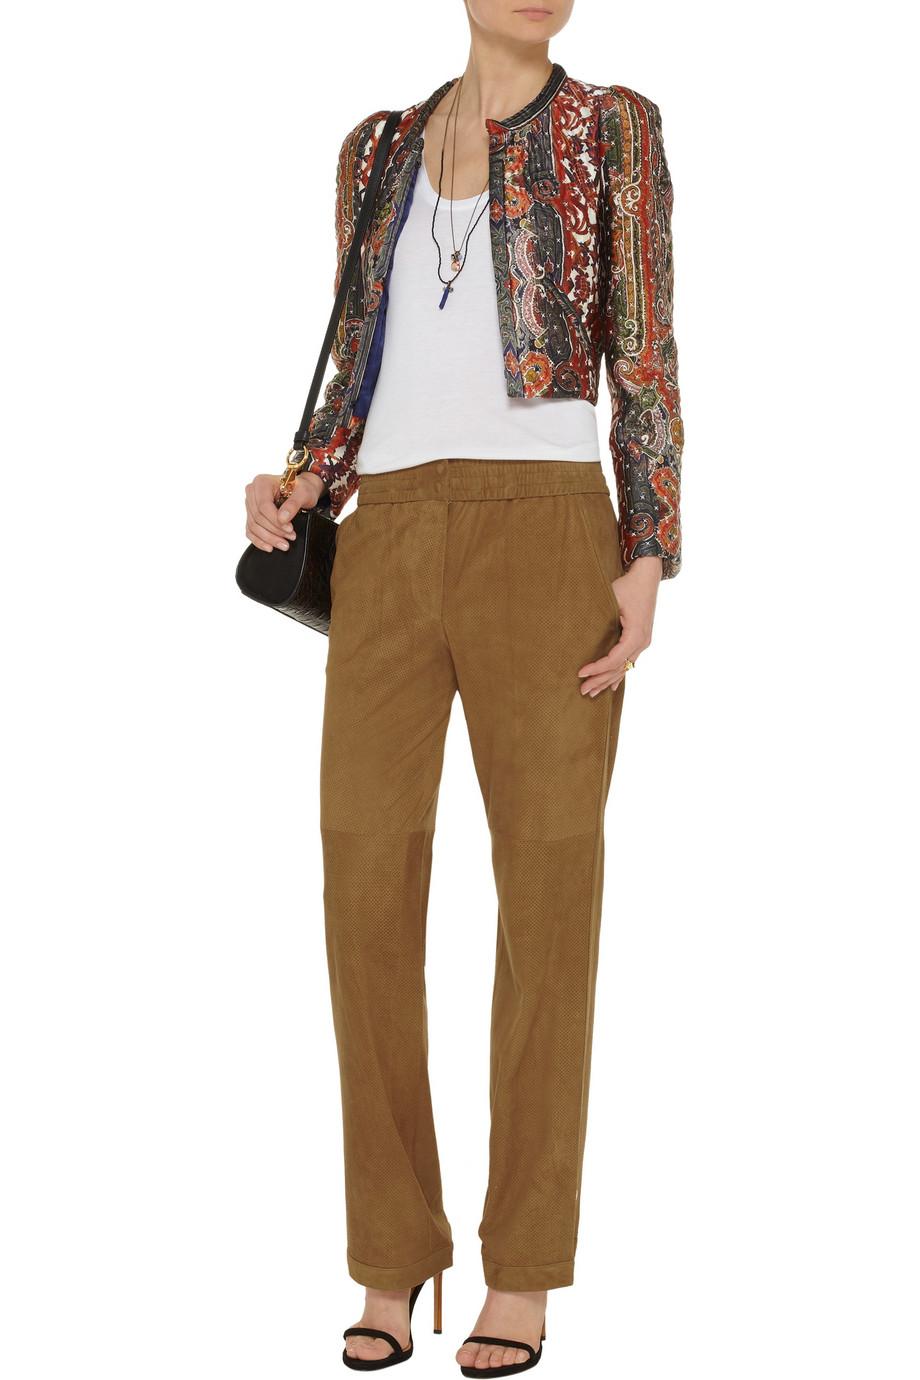 d11c80c0bcd12 2016 haute qualité femmes baggy pantalon cargo en gros kaki couleur coton pantalon  pas cher prix